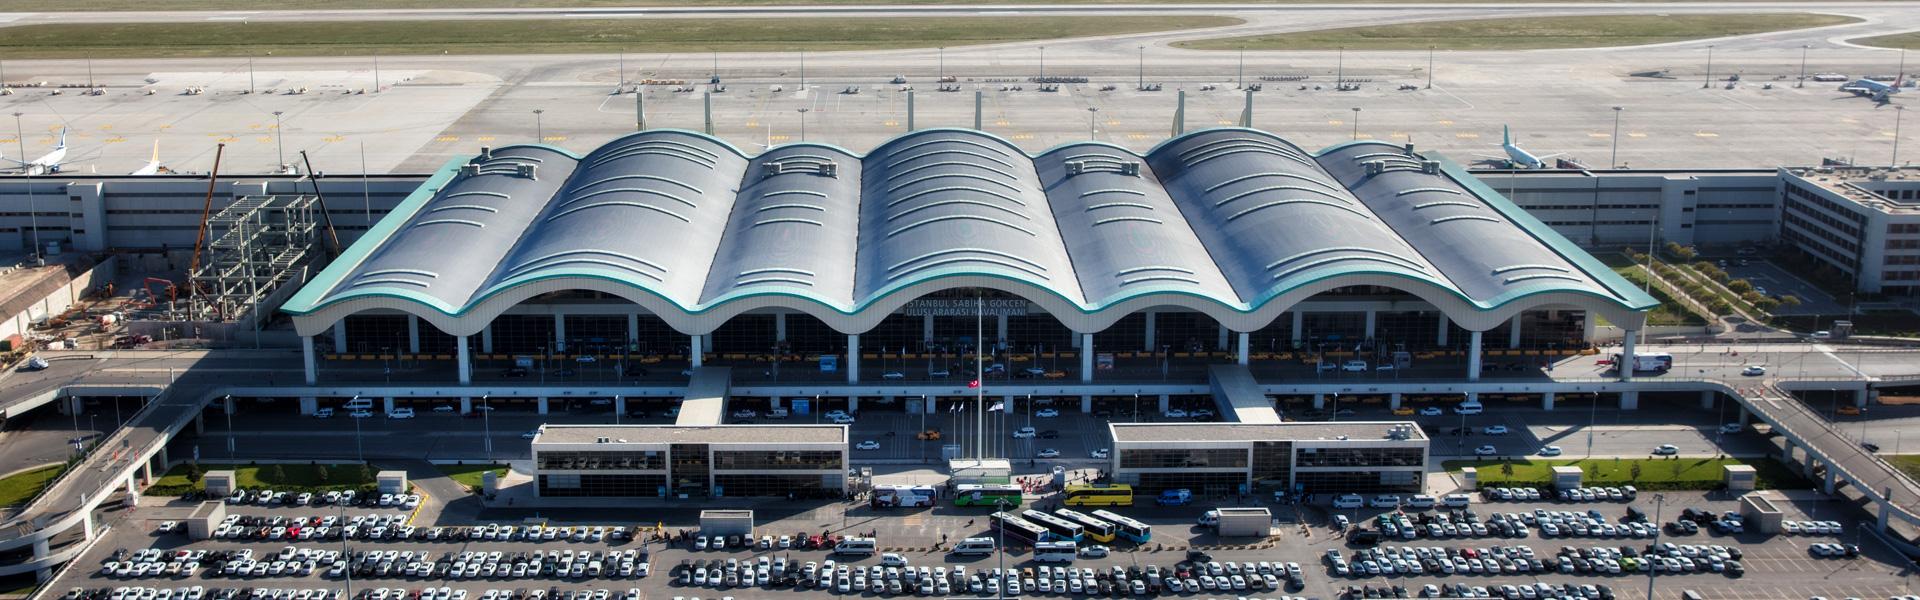 Aerodrom Sabiha Gokčen u Istanbulu